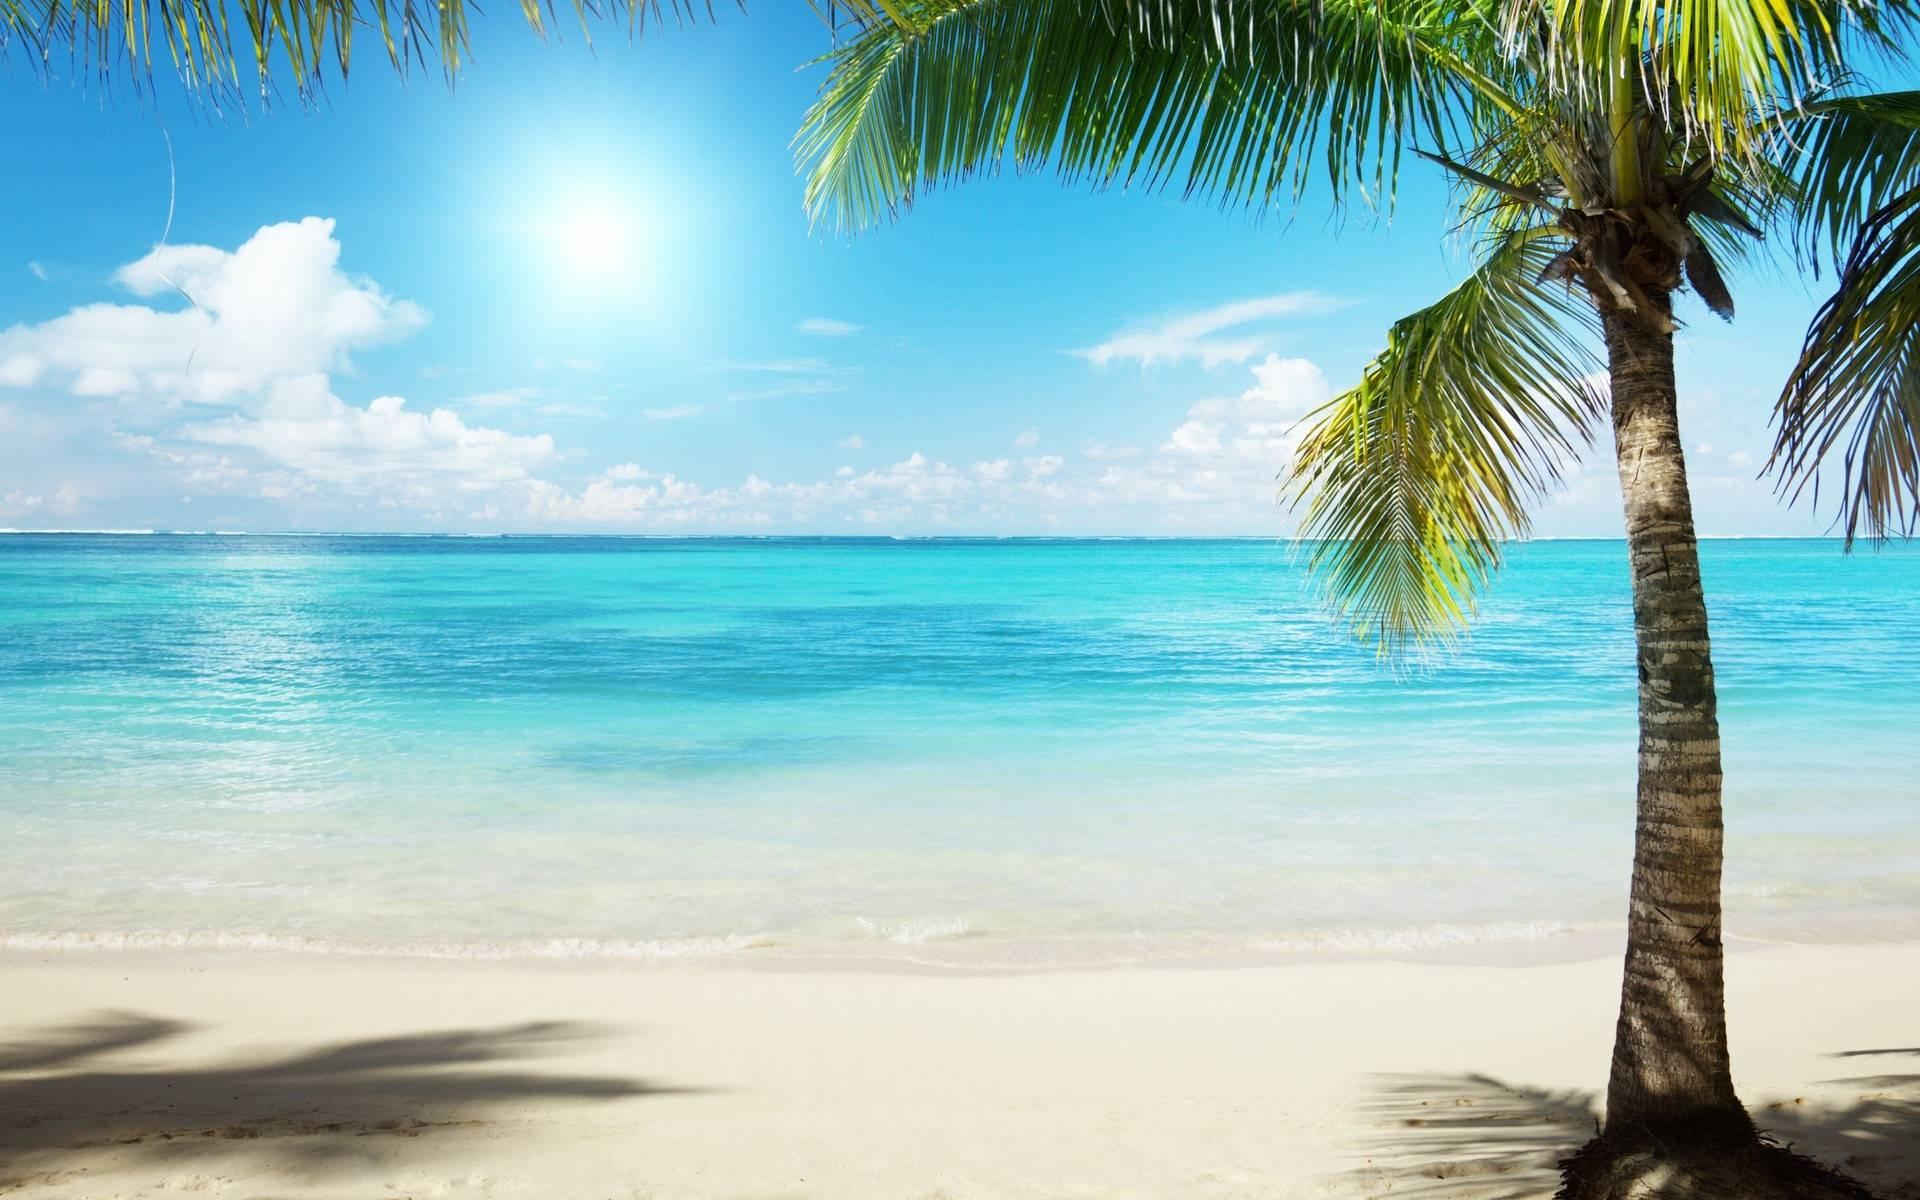 Imagen de una playa en un lugar paradisiaco wallpaper en hd - Playa wallpaper ...